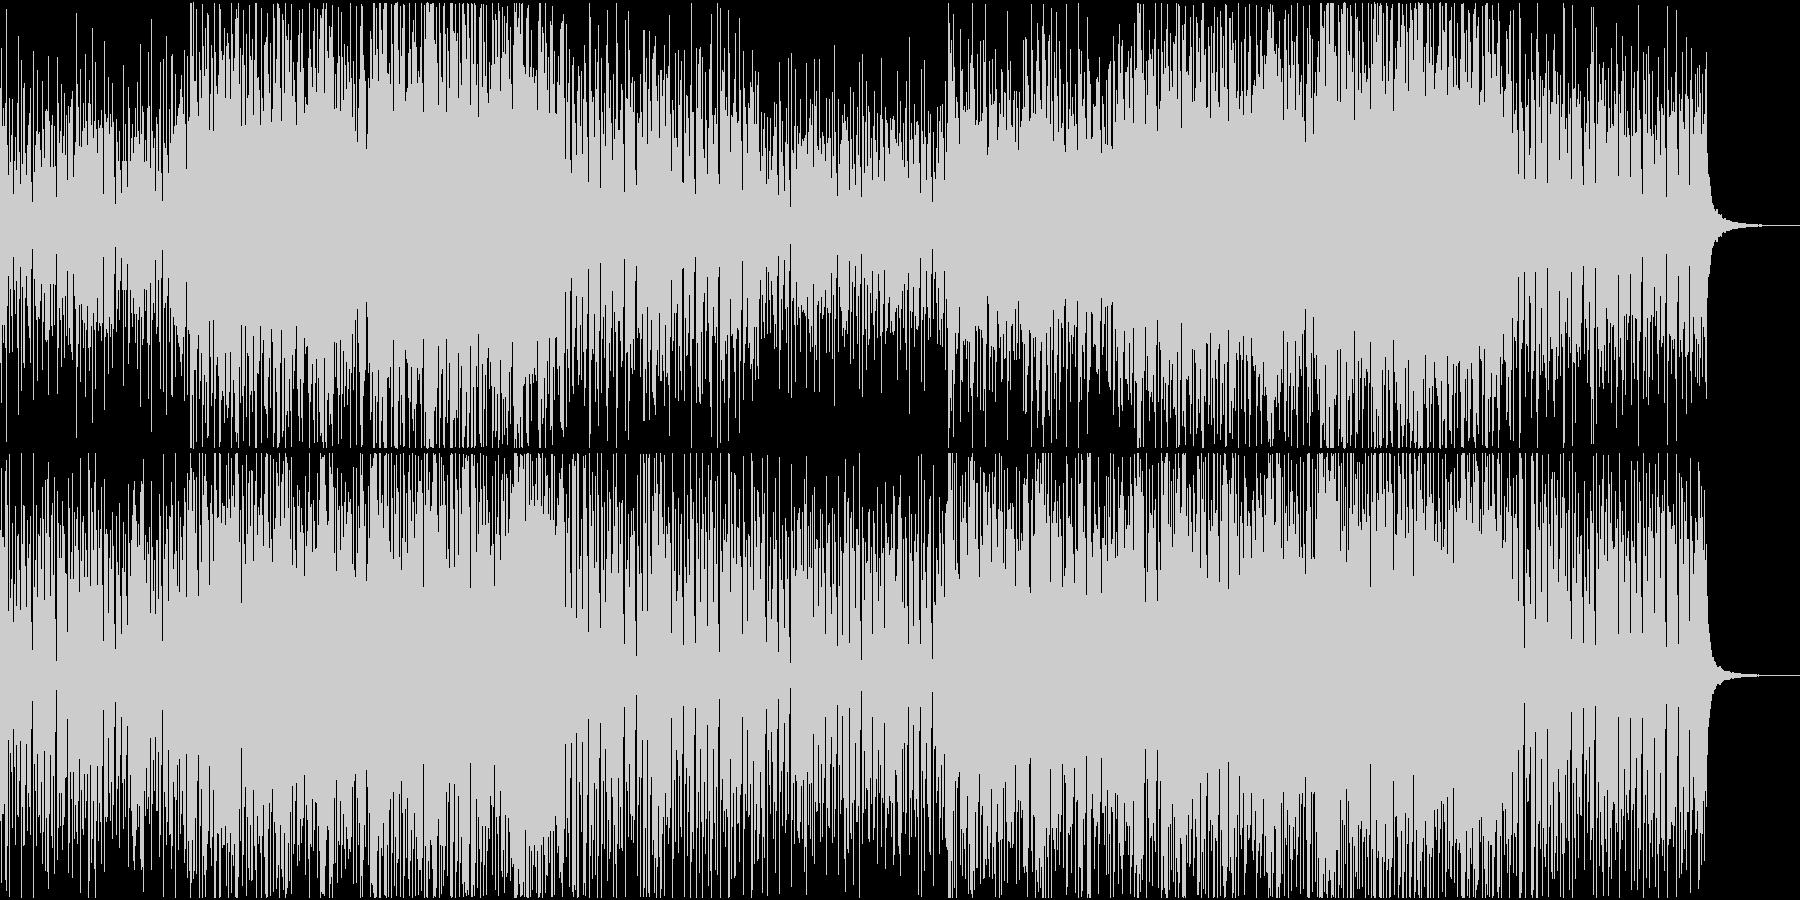 おしゃれで爽やか、ゆったりしたボサポップの未再生の波形